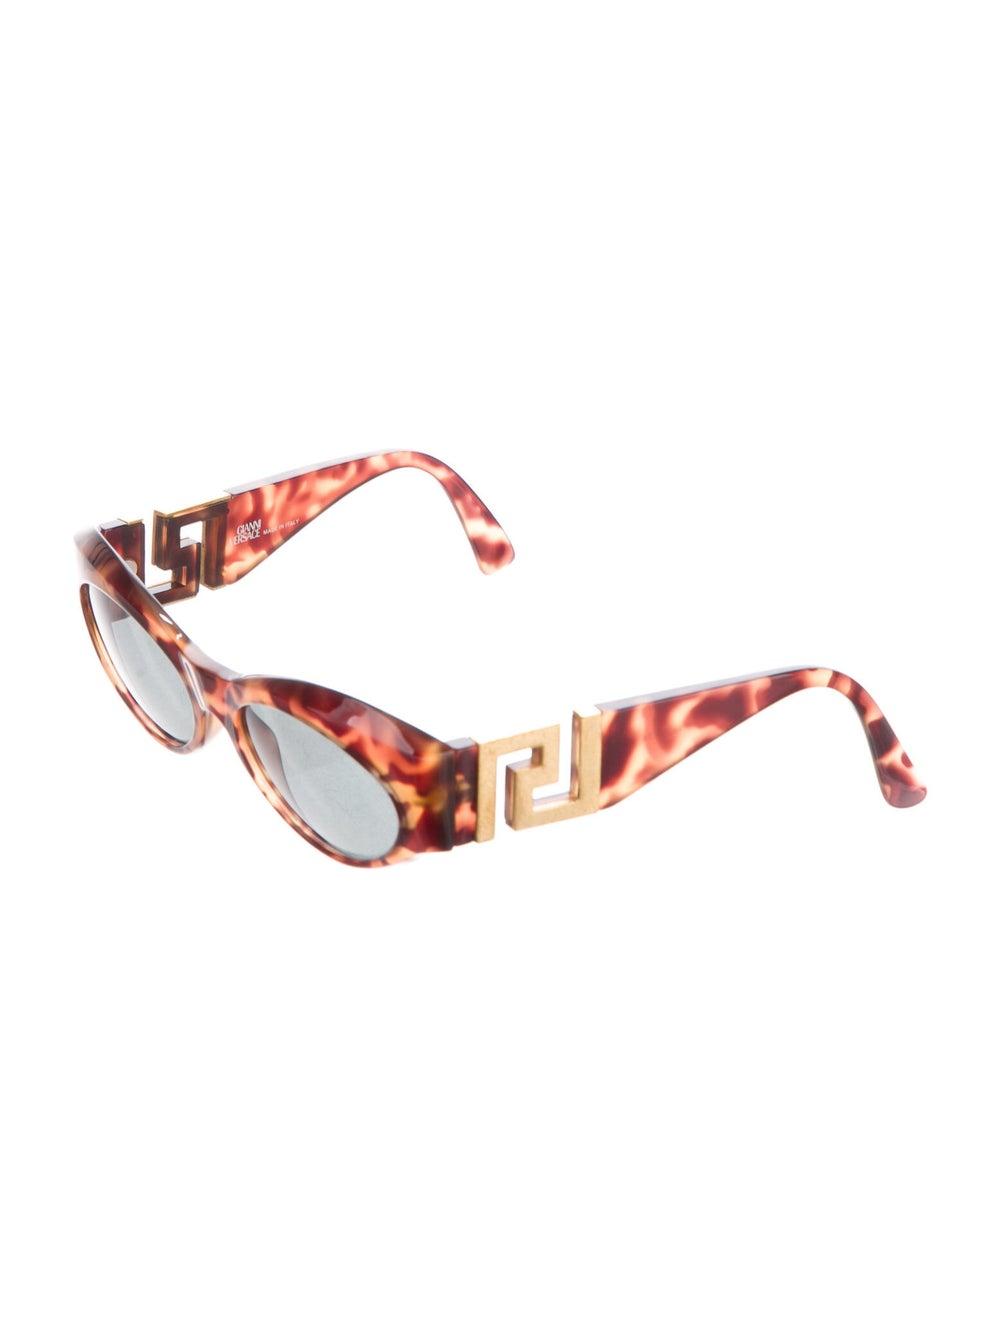 Gianni Versace Round Mirrored Sunglasses Brown - image 2